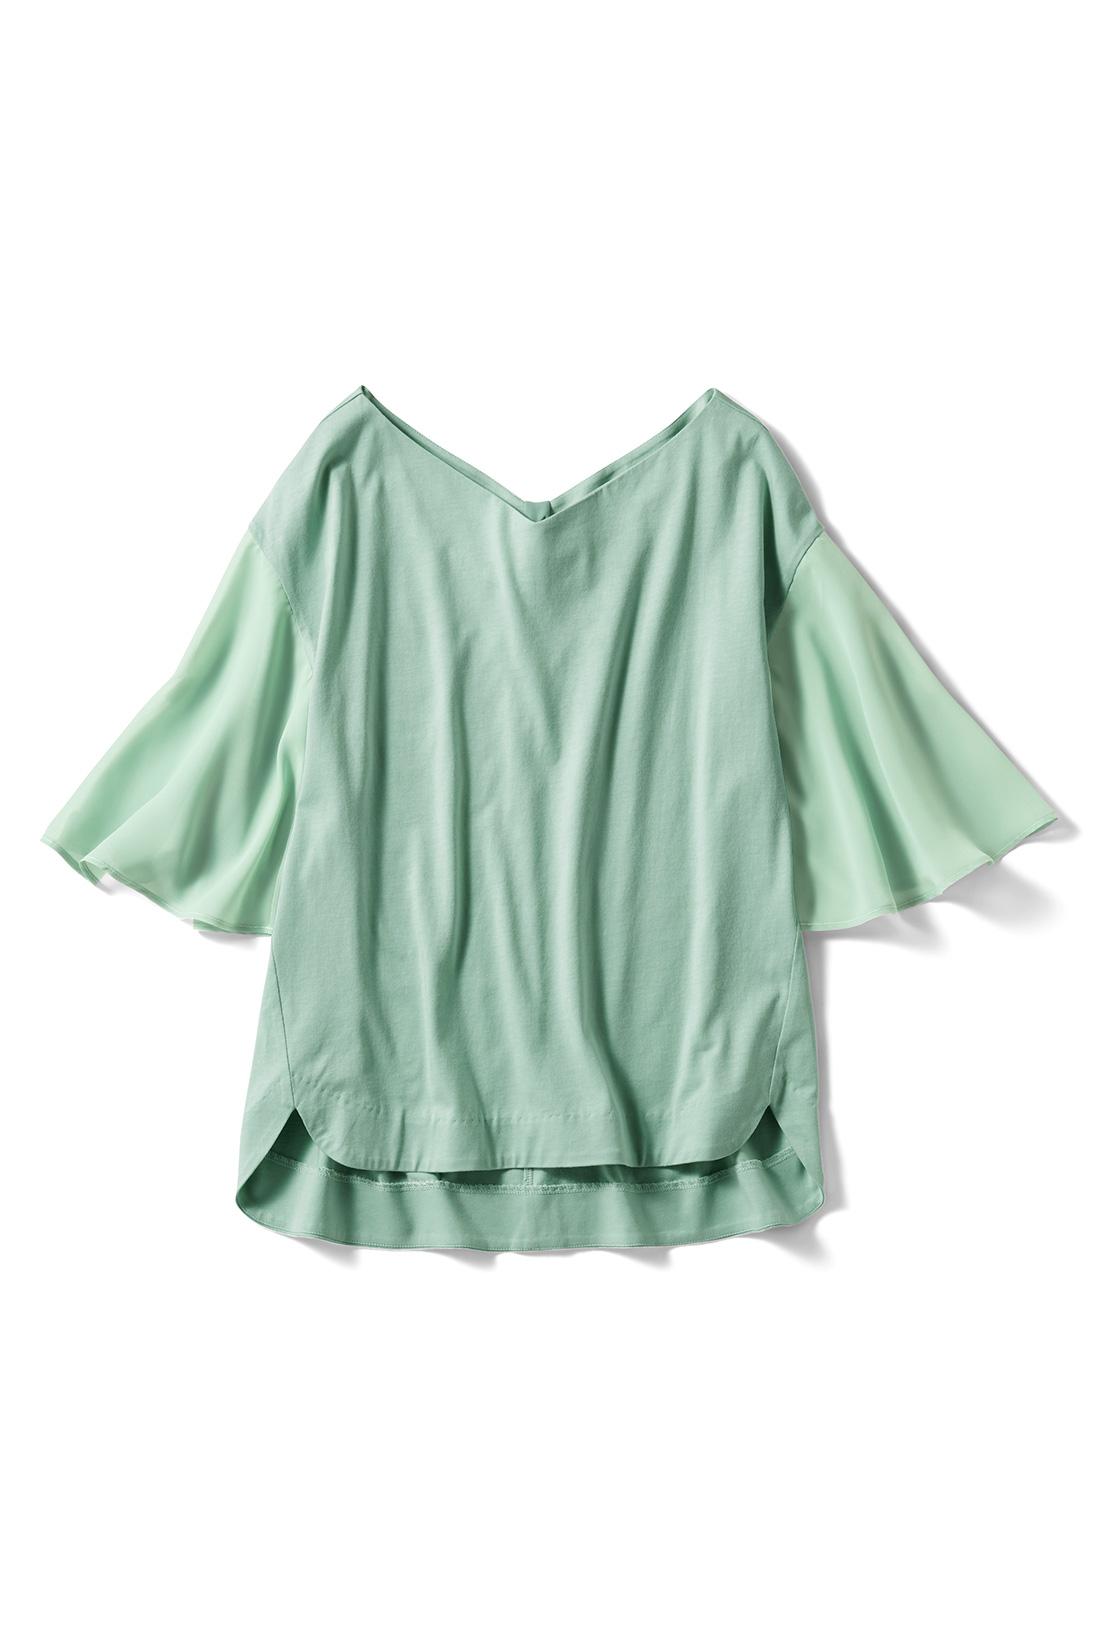 旬カラーの〈ライトグリーン〉 わきを少し前へ寄せた細見えパターン。ゆるりとした袖とあいまって、全身を華奢見せ。